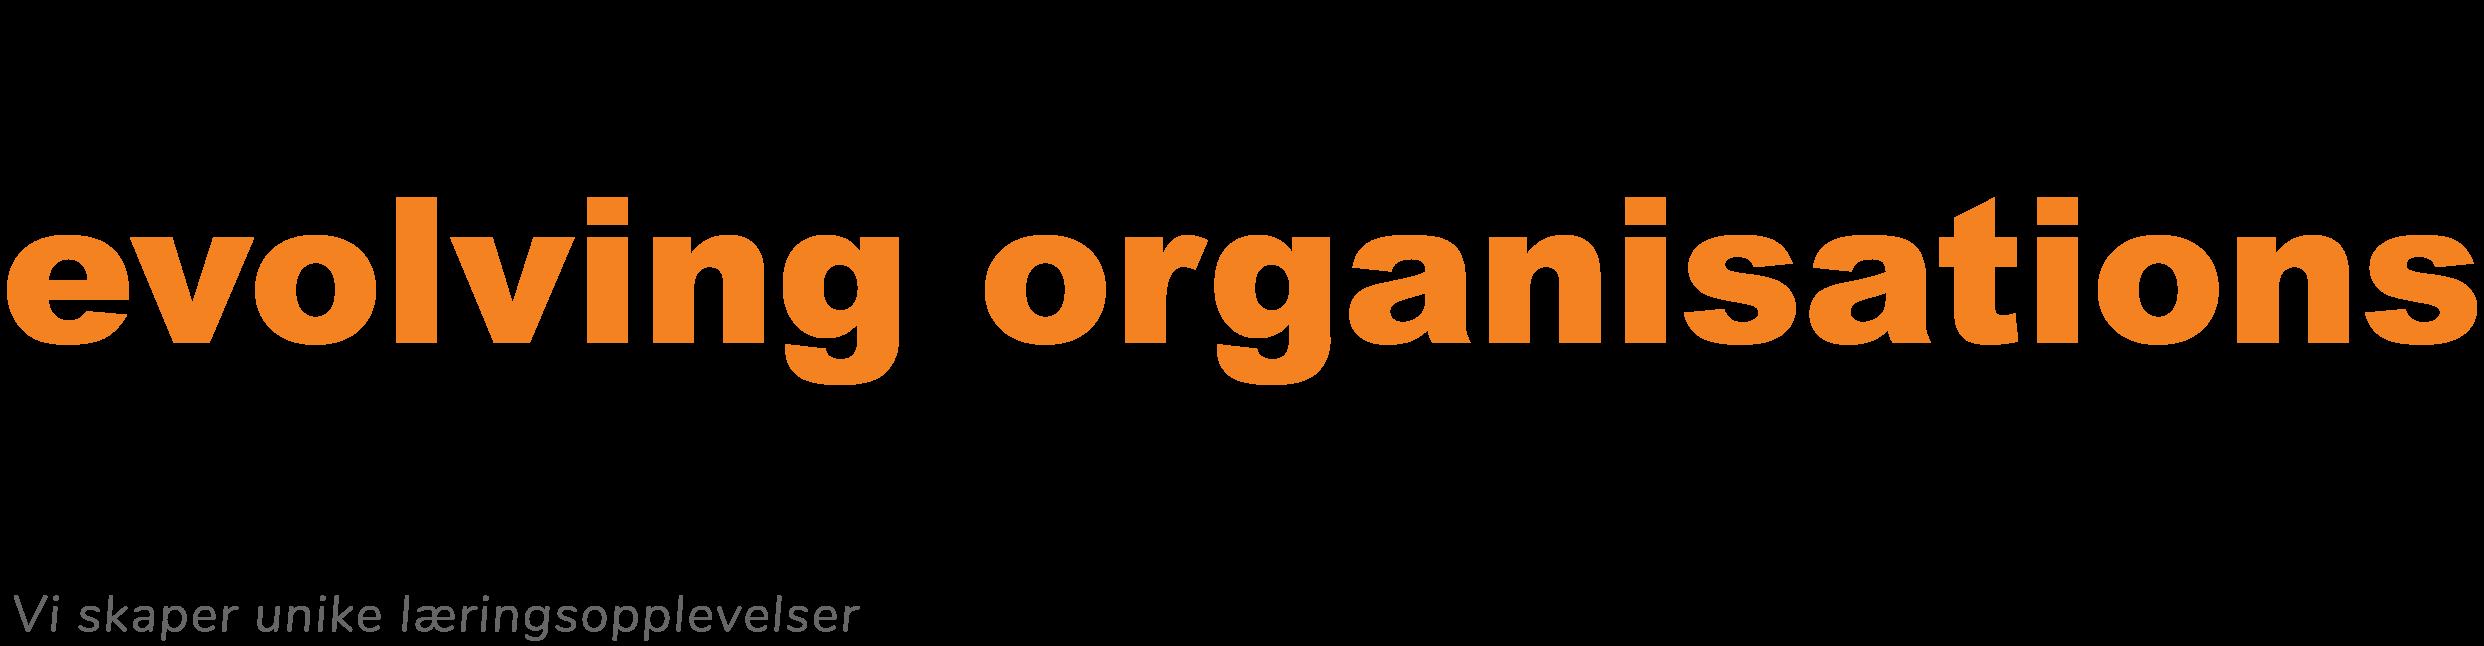 Involving people - evolving organisations. Vi skaper unike læringsopplevelser.